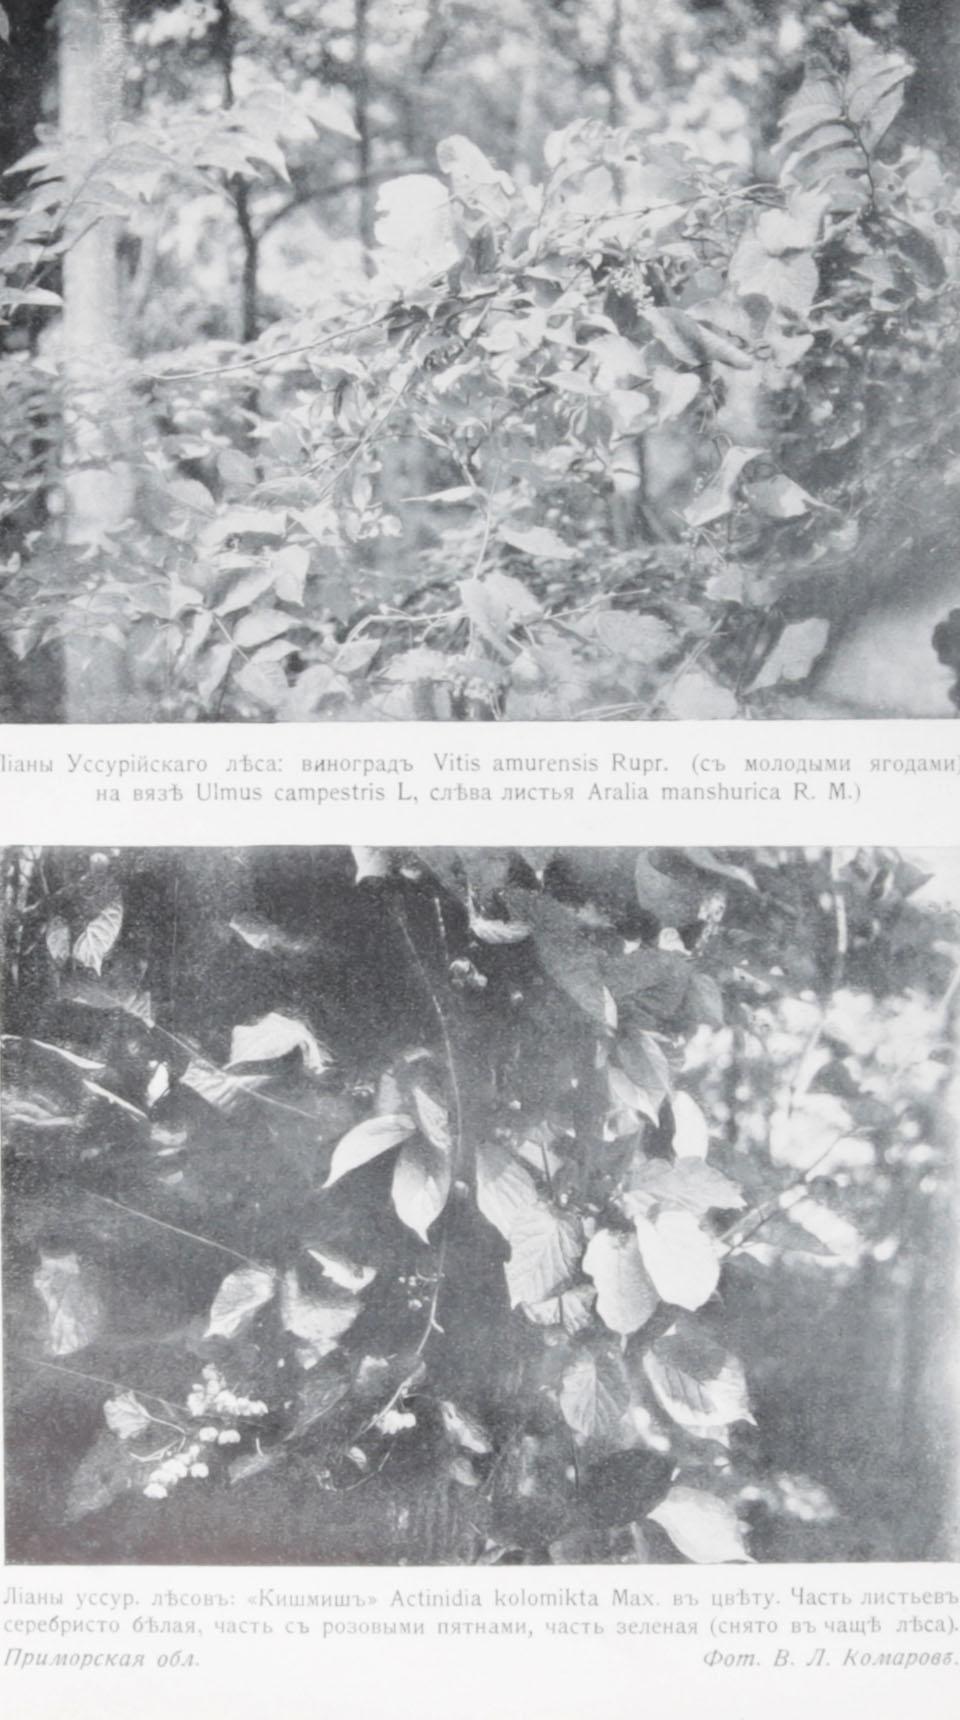 Предварительный отчет о ботанических исследованиях в Сибири и в Туркестане в 1913 году